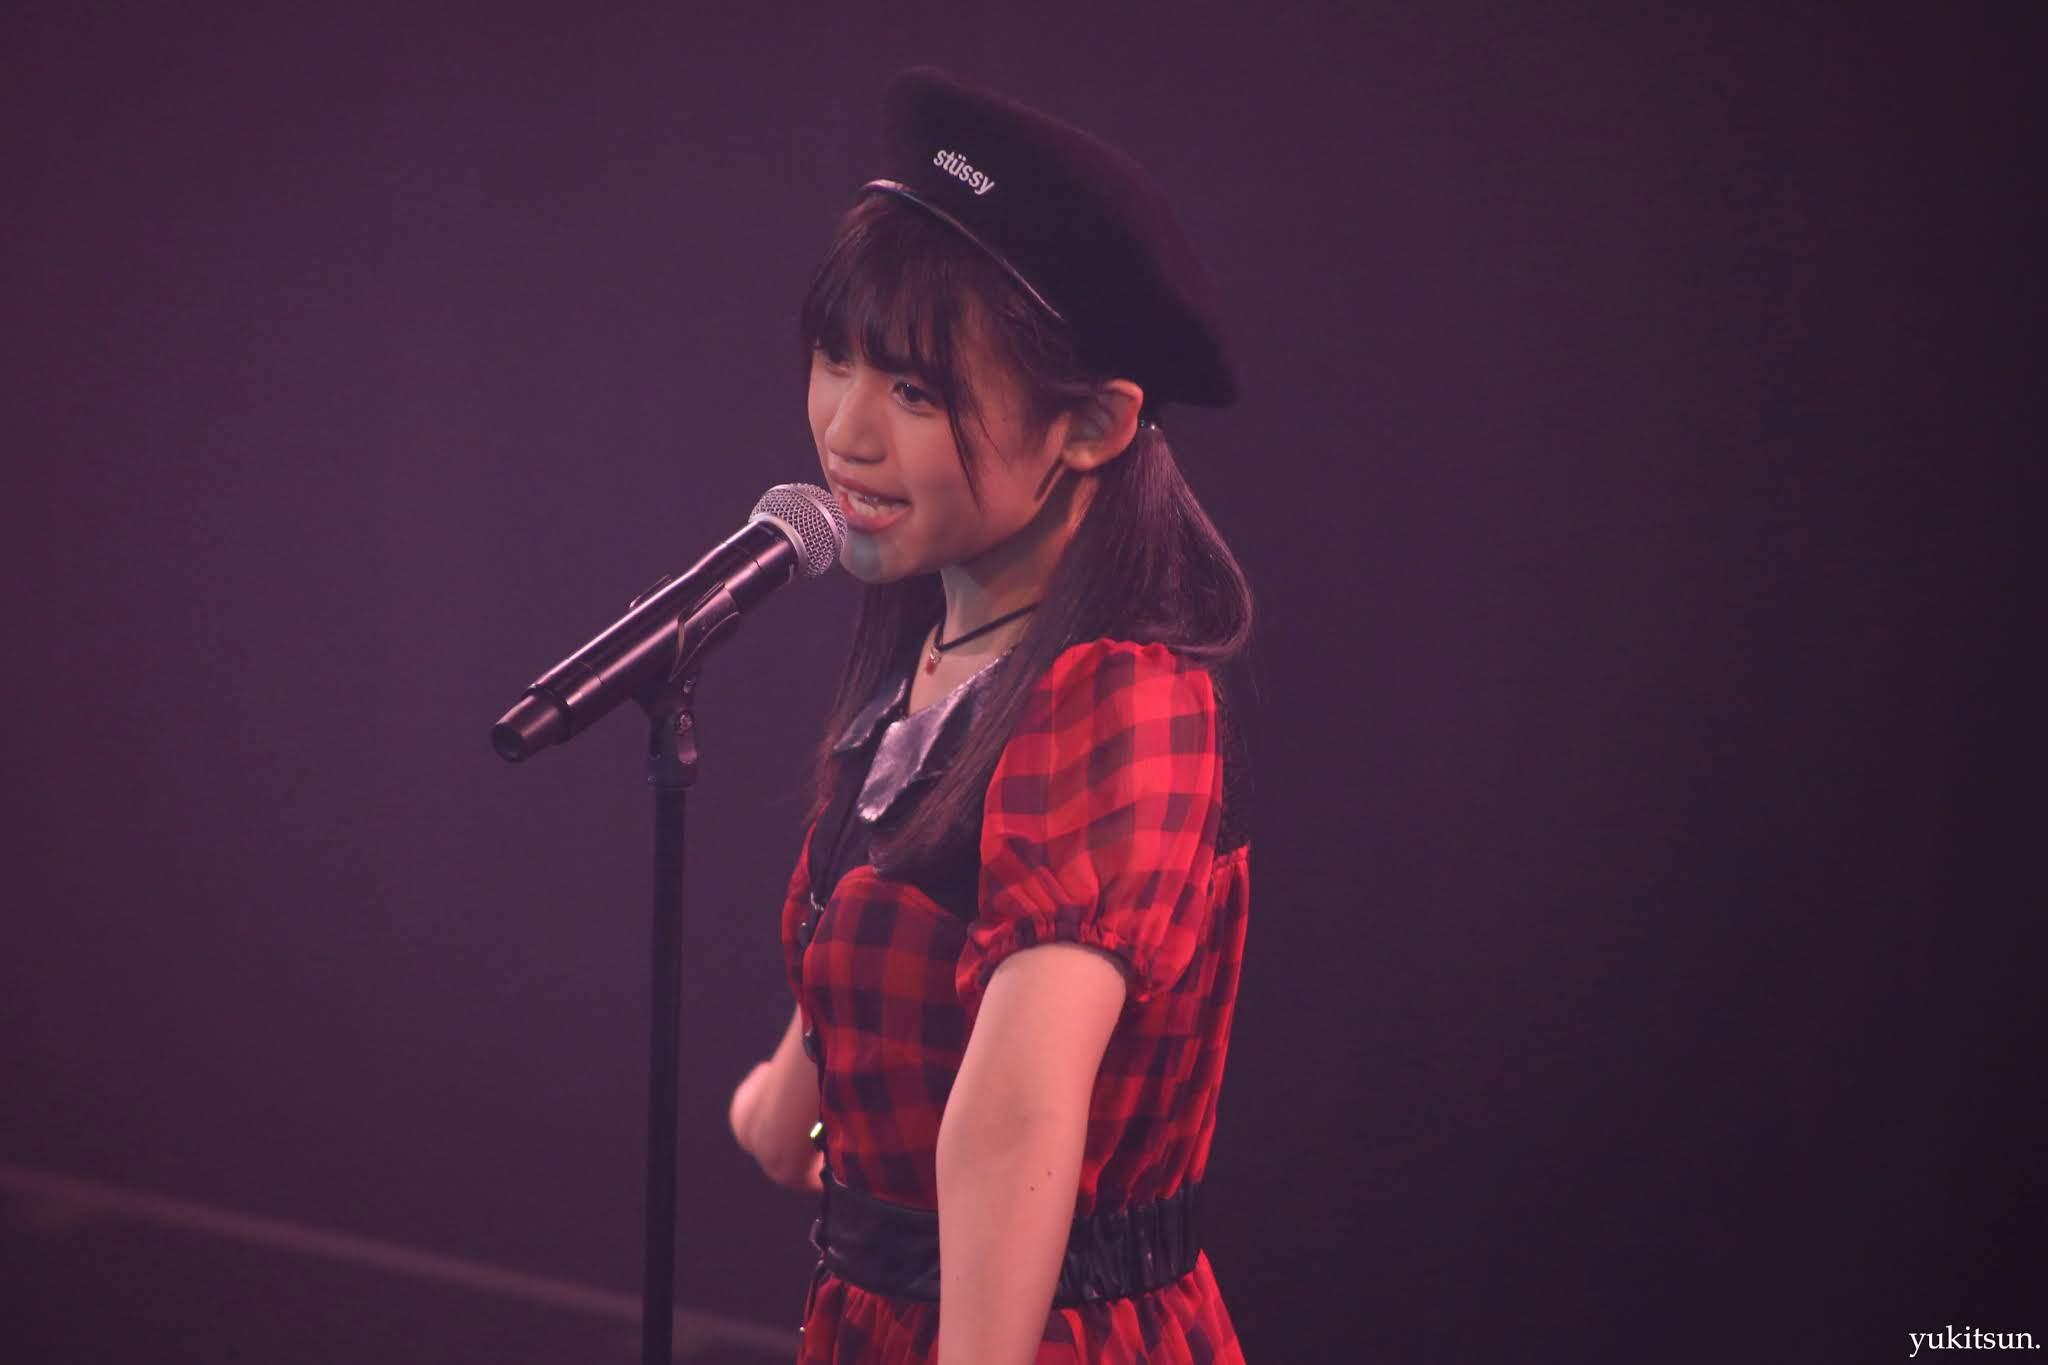 shinjidai-69